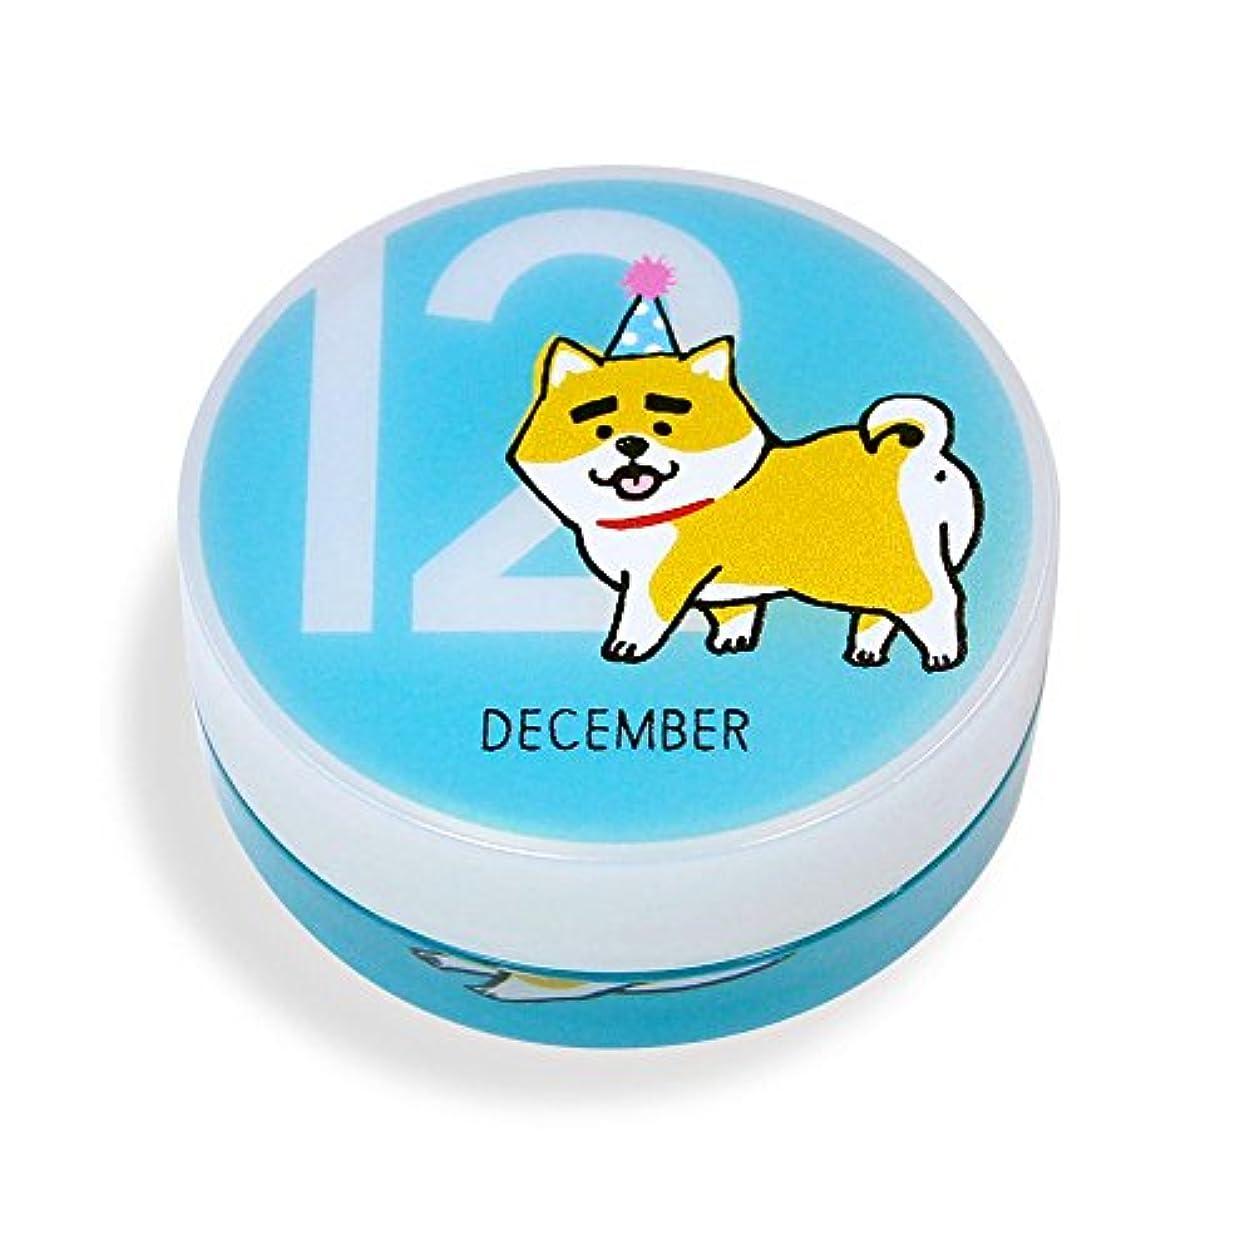 感じ確かに鬼ごっこしばんばん フルプルクリーム 誕生月シリーズ 12月 20g